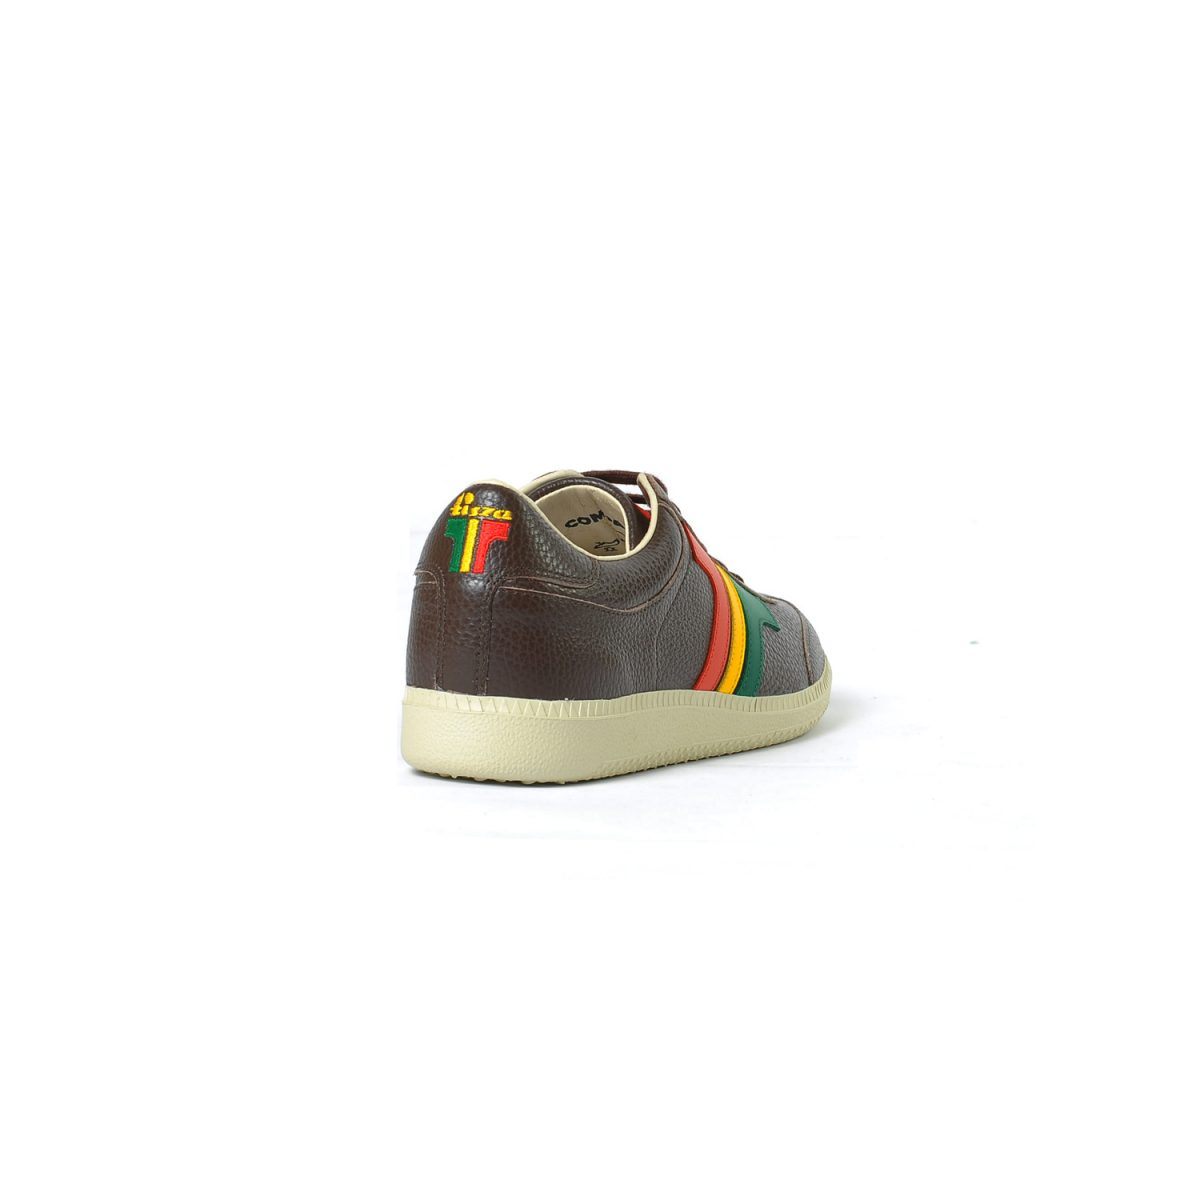 Tisza cipő - Compakt - Barna-raszta